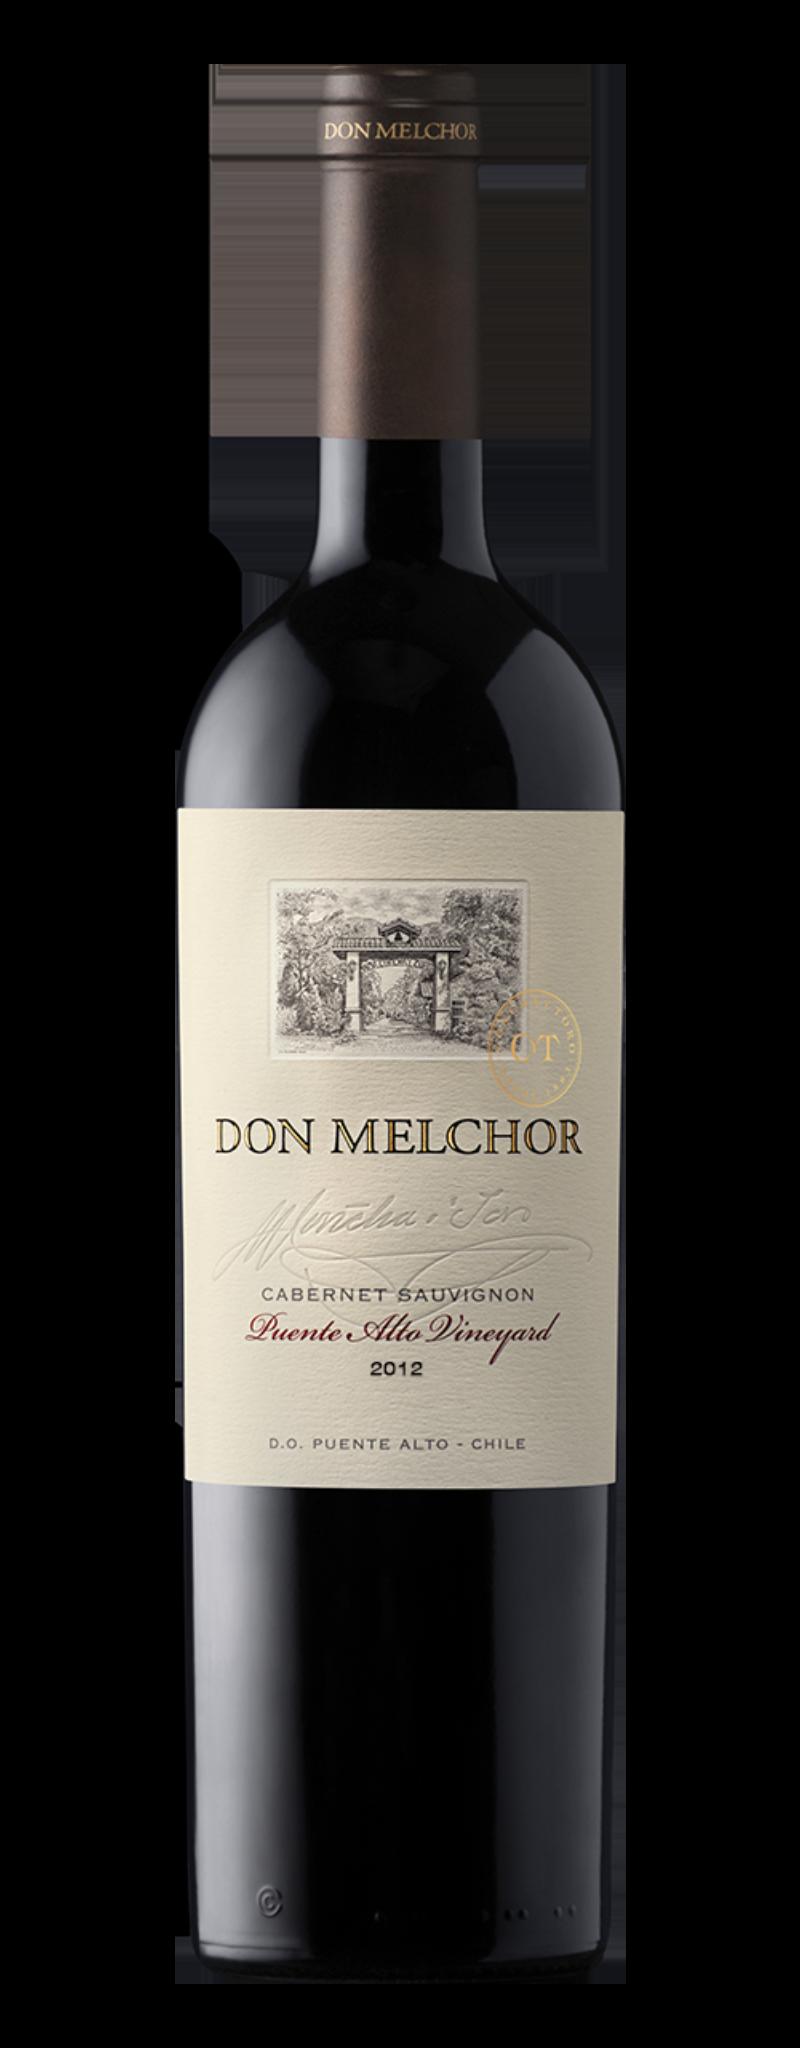 Don Melchor Cabernet Sauvignon 2012  - 750ml